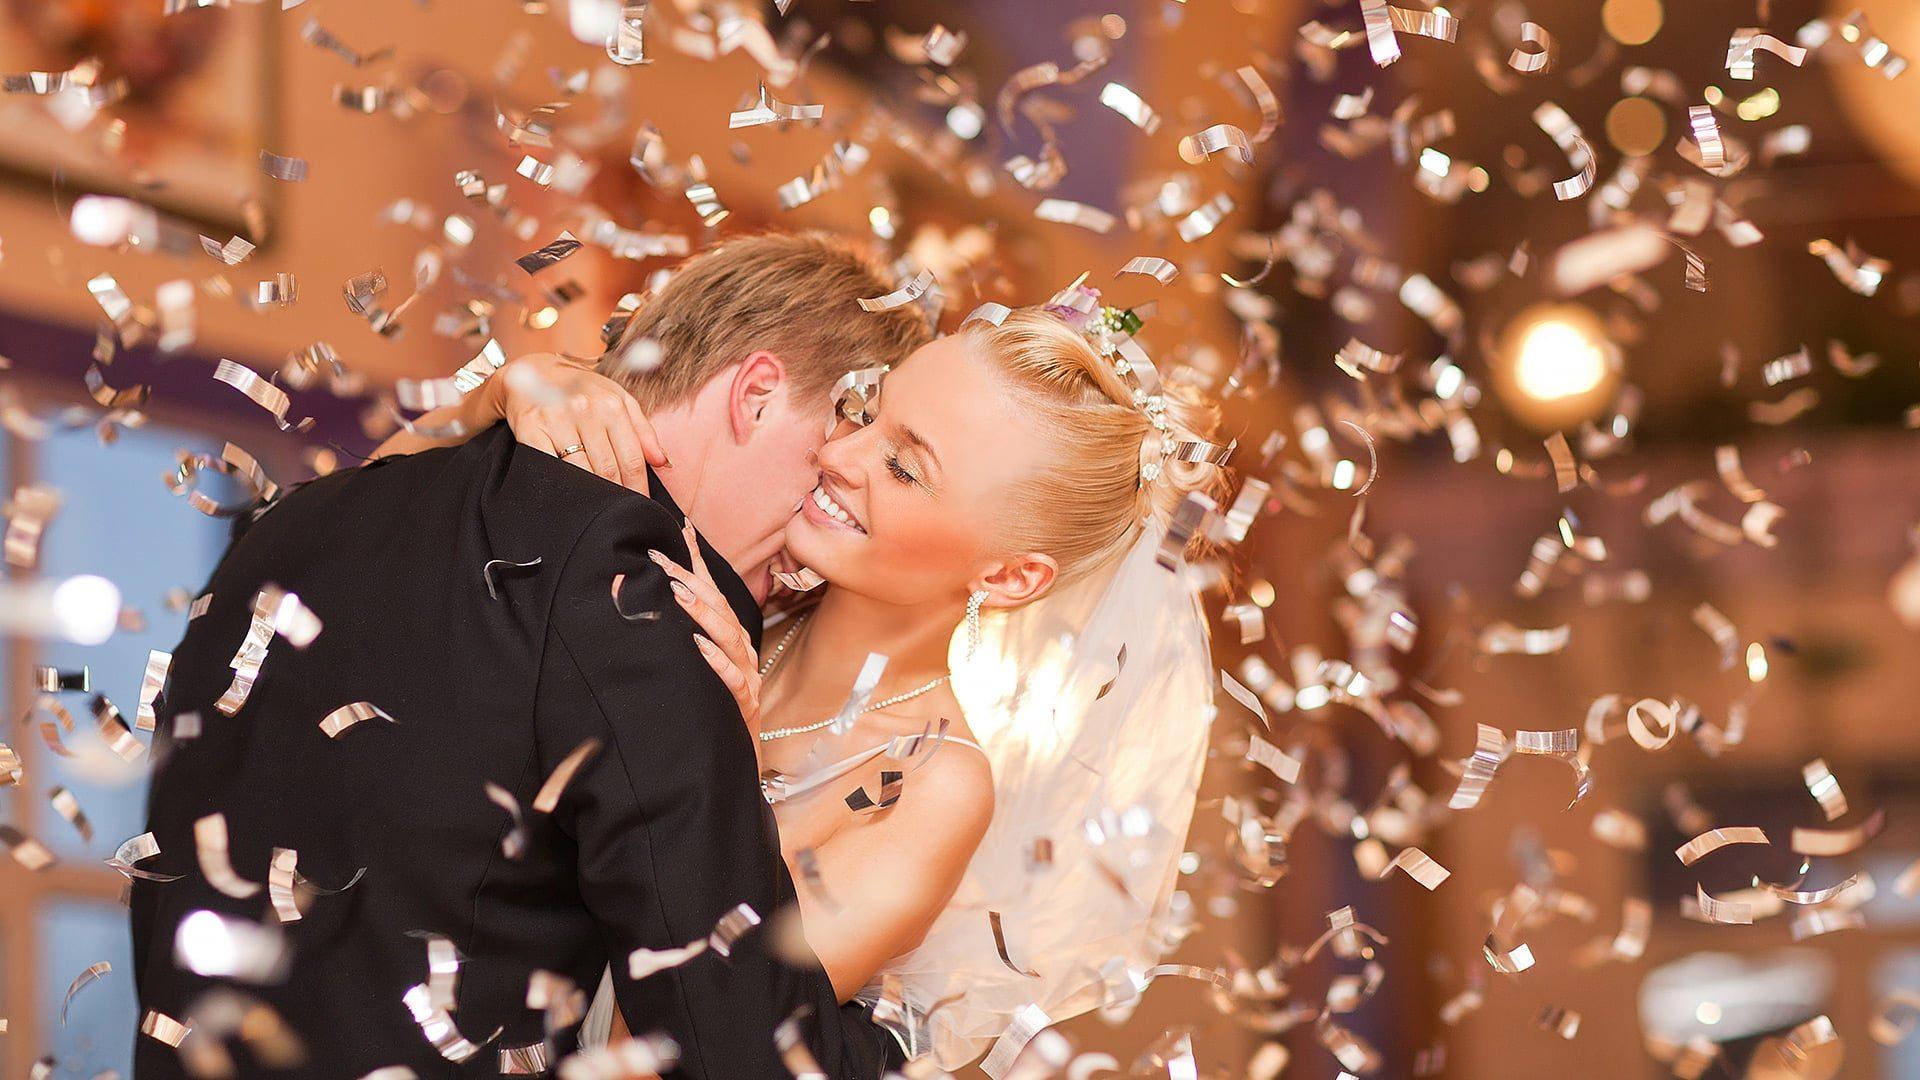 Huwelijksfeesten - Feestcomplex Europa